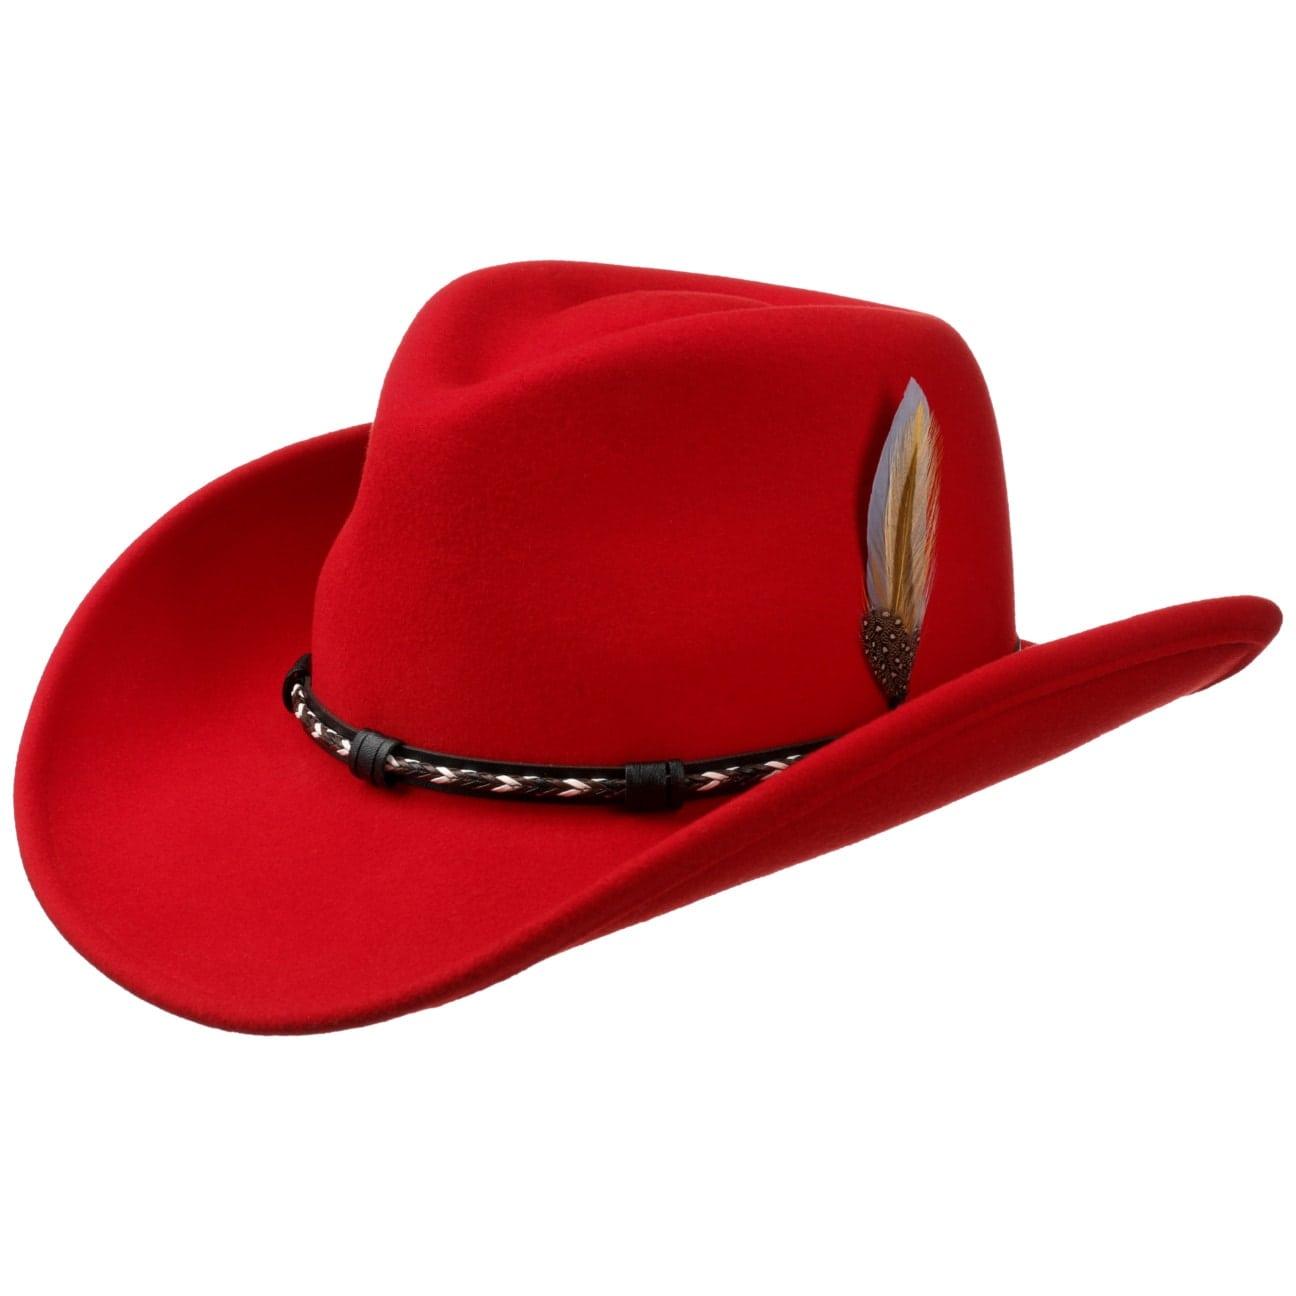 9981cfeeb51 Amasa VitaFelt Cowboyhut by Stetson